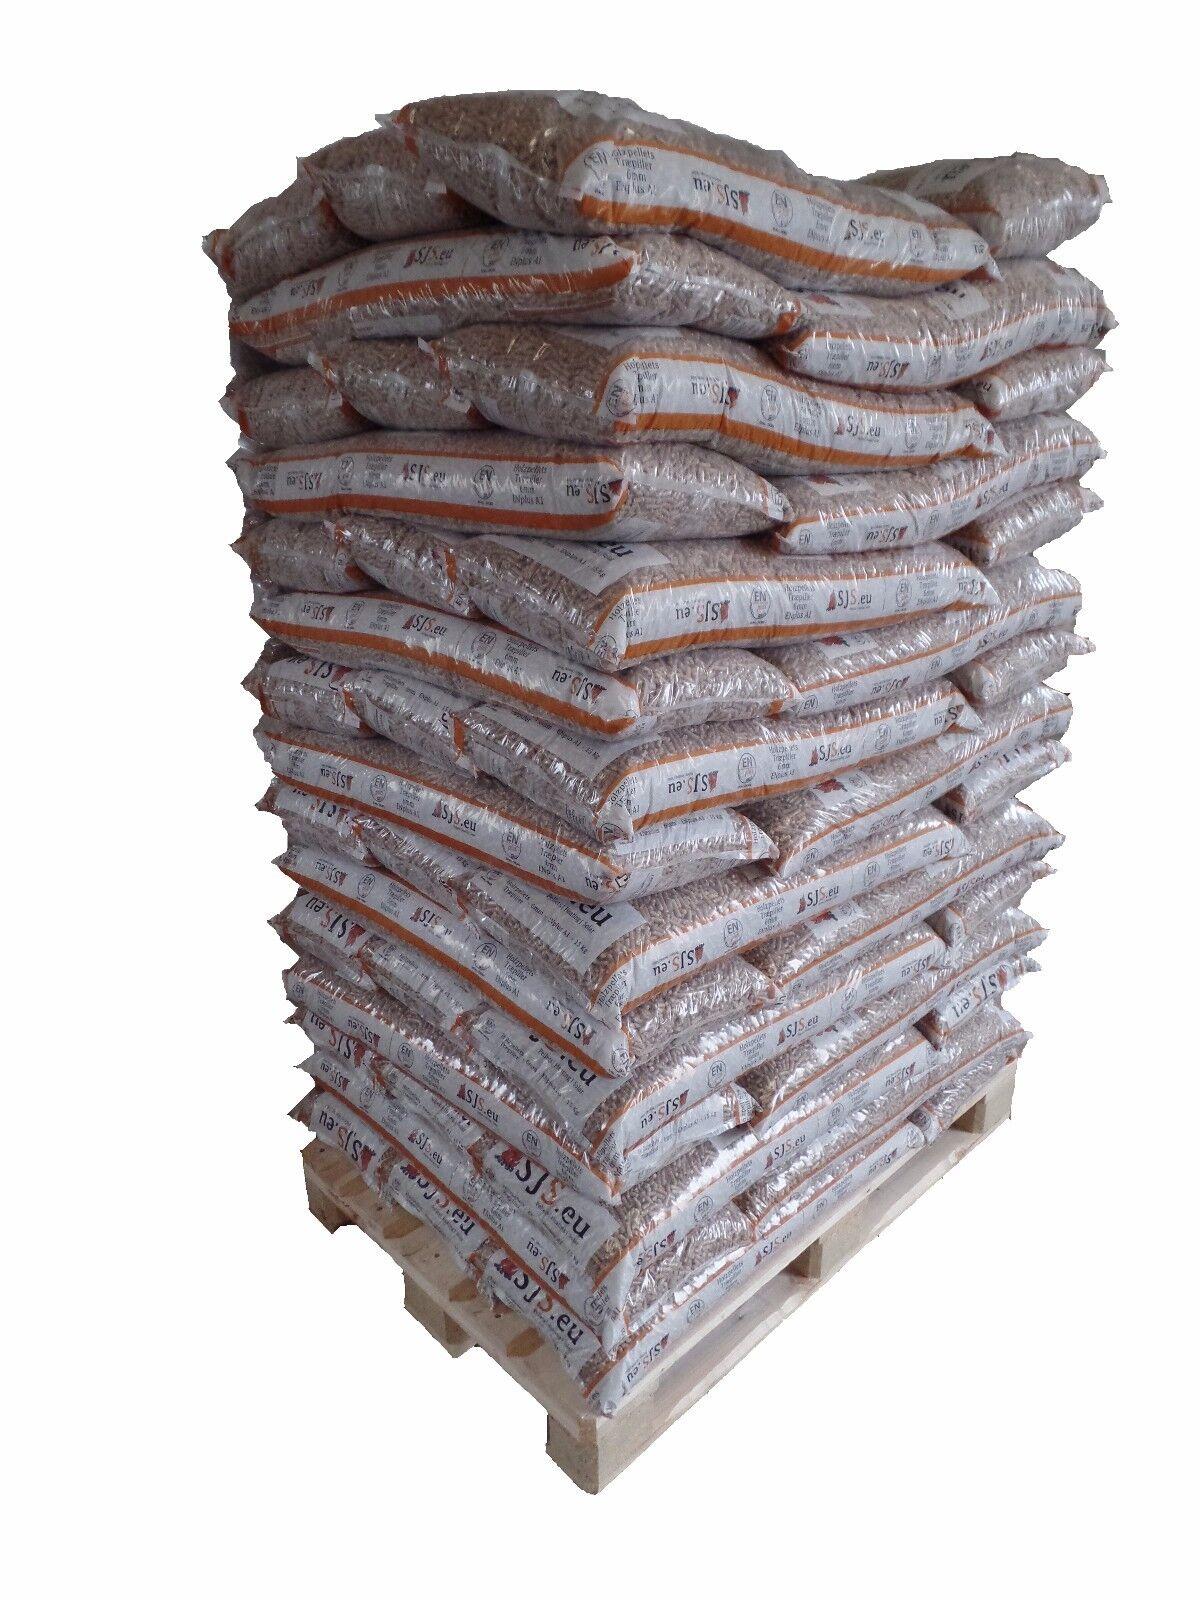 Holzpellets ENplus A1 Sackware 2 x 960Kg inkl. Lieferung Deutschlandweit